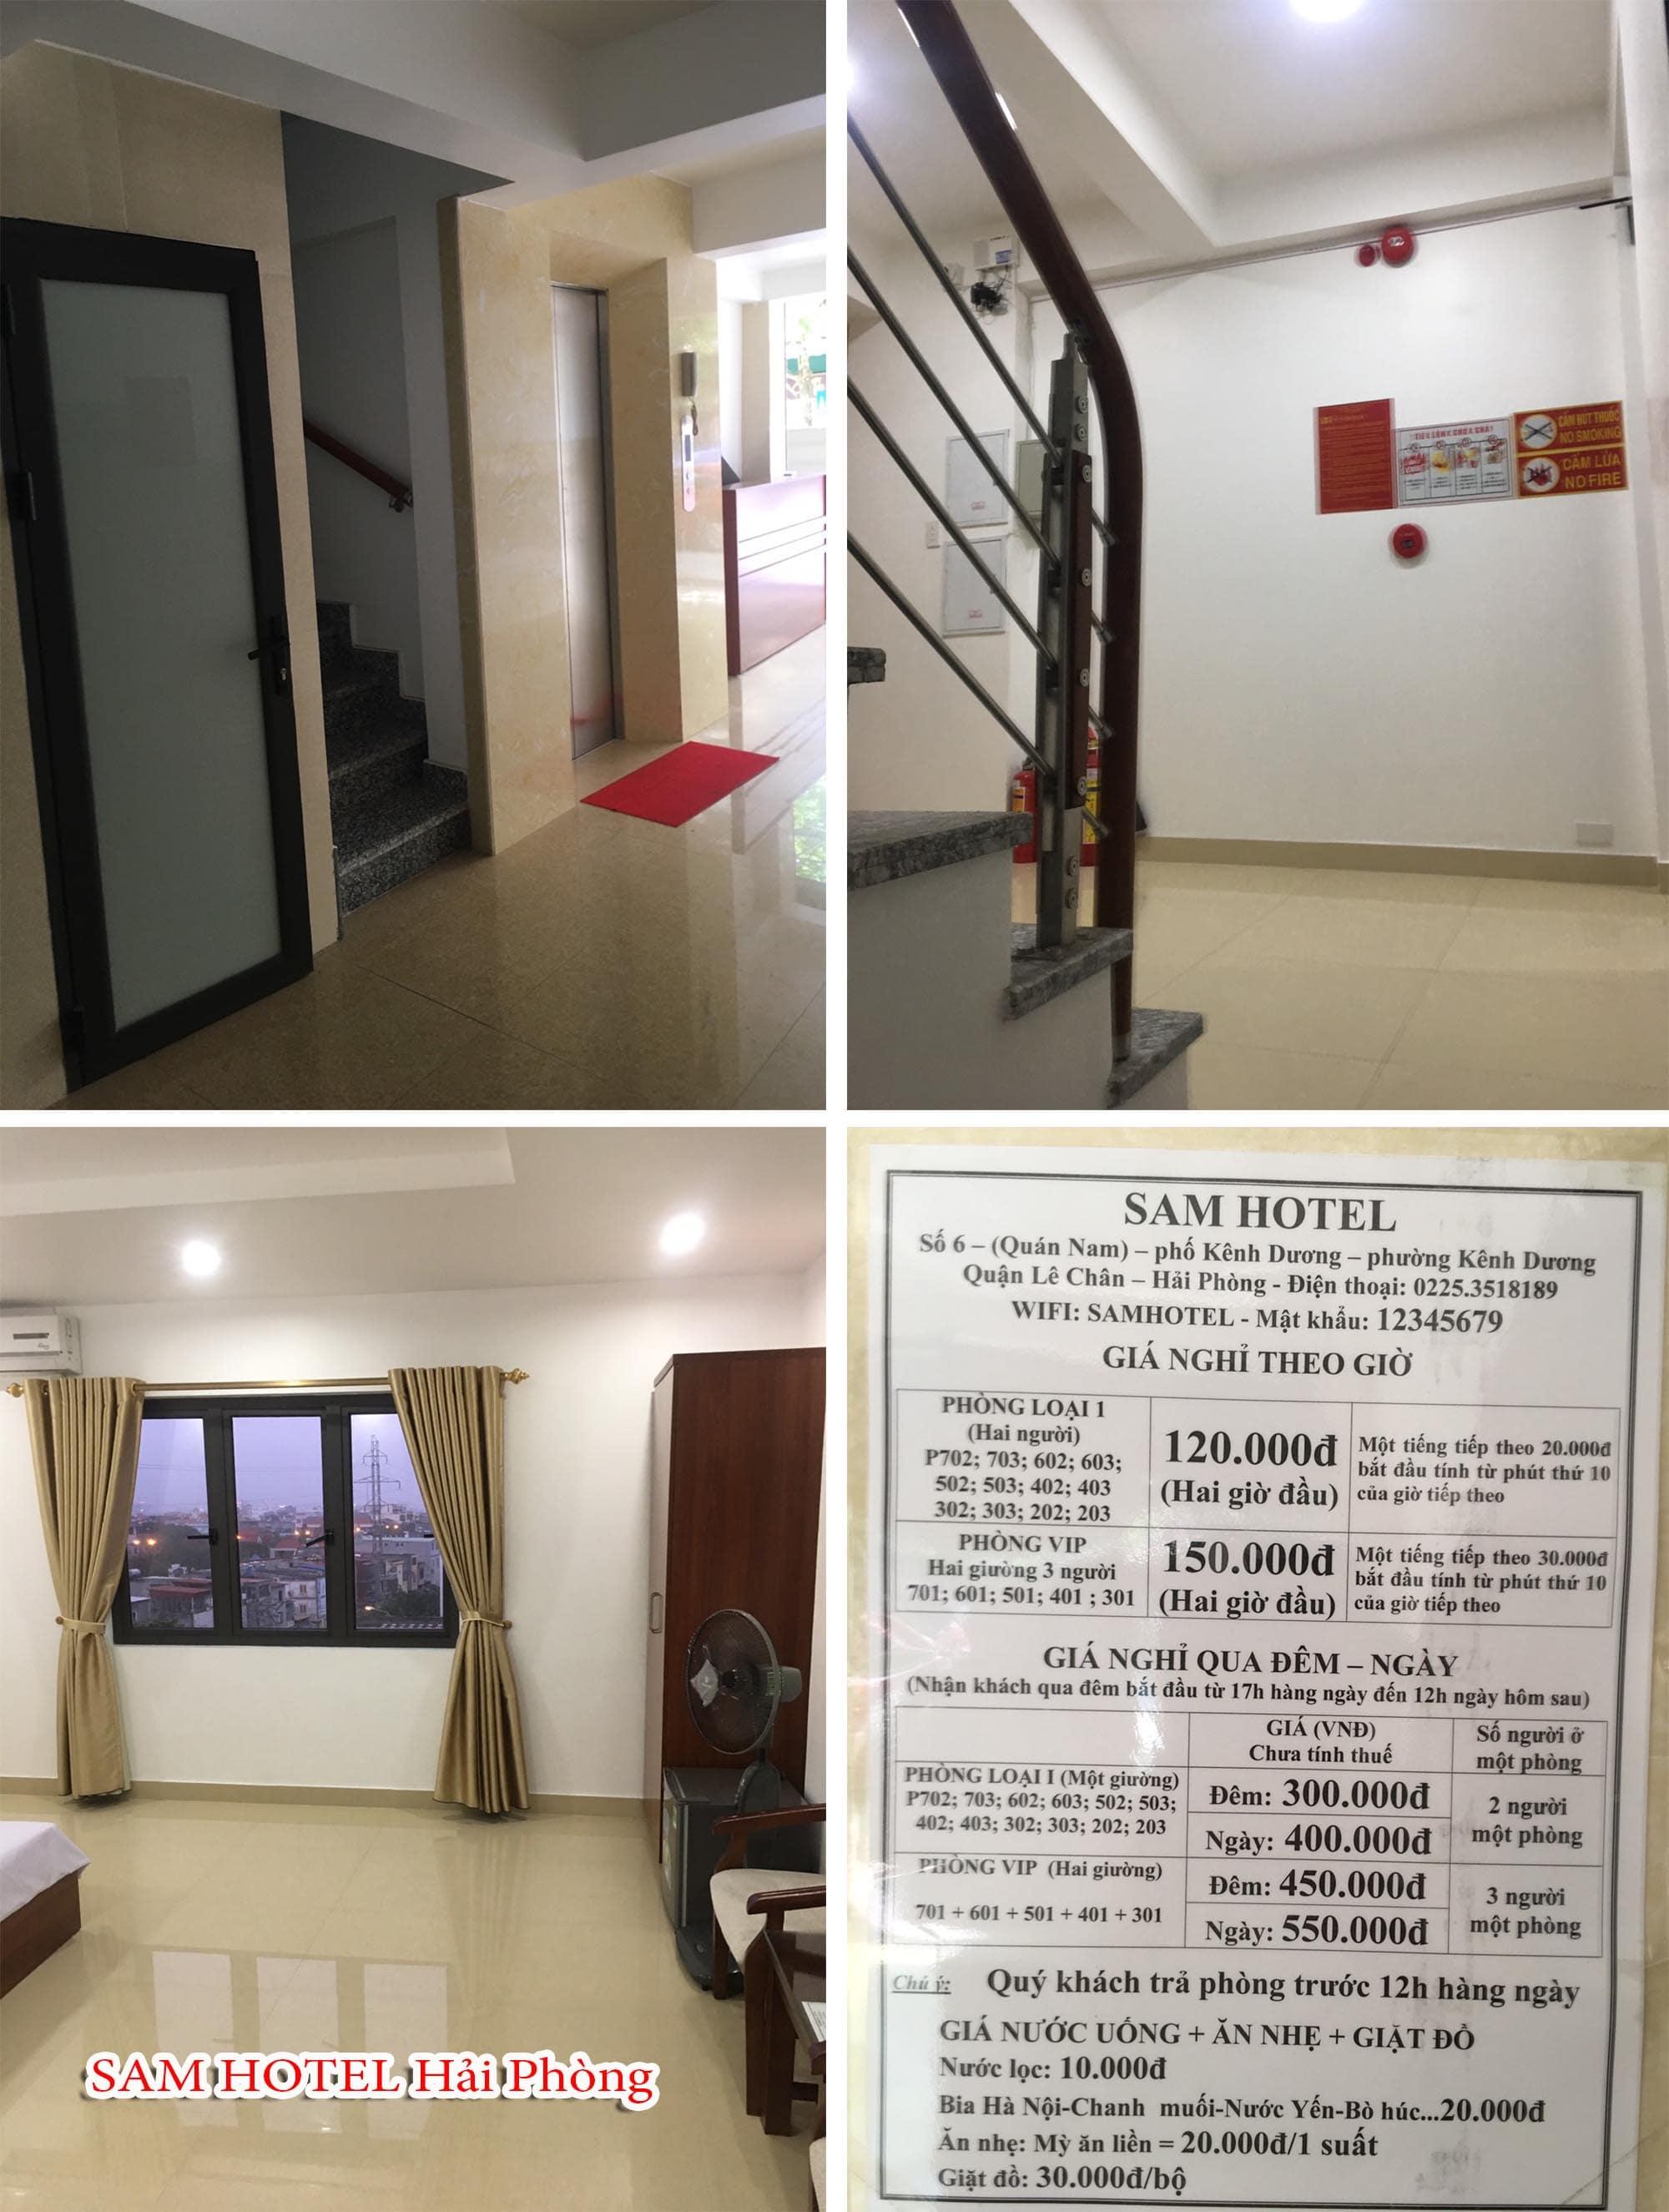 Bảng giá khách sạn Sam Hotel Hải Phòng